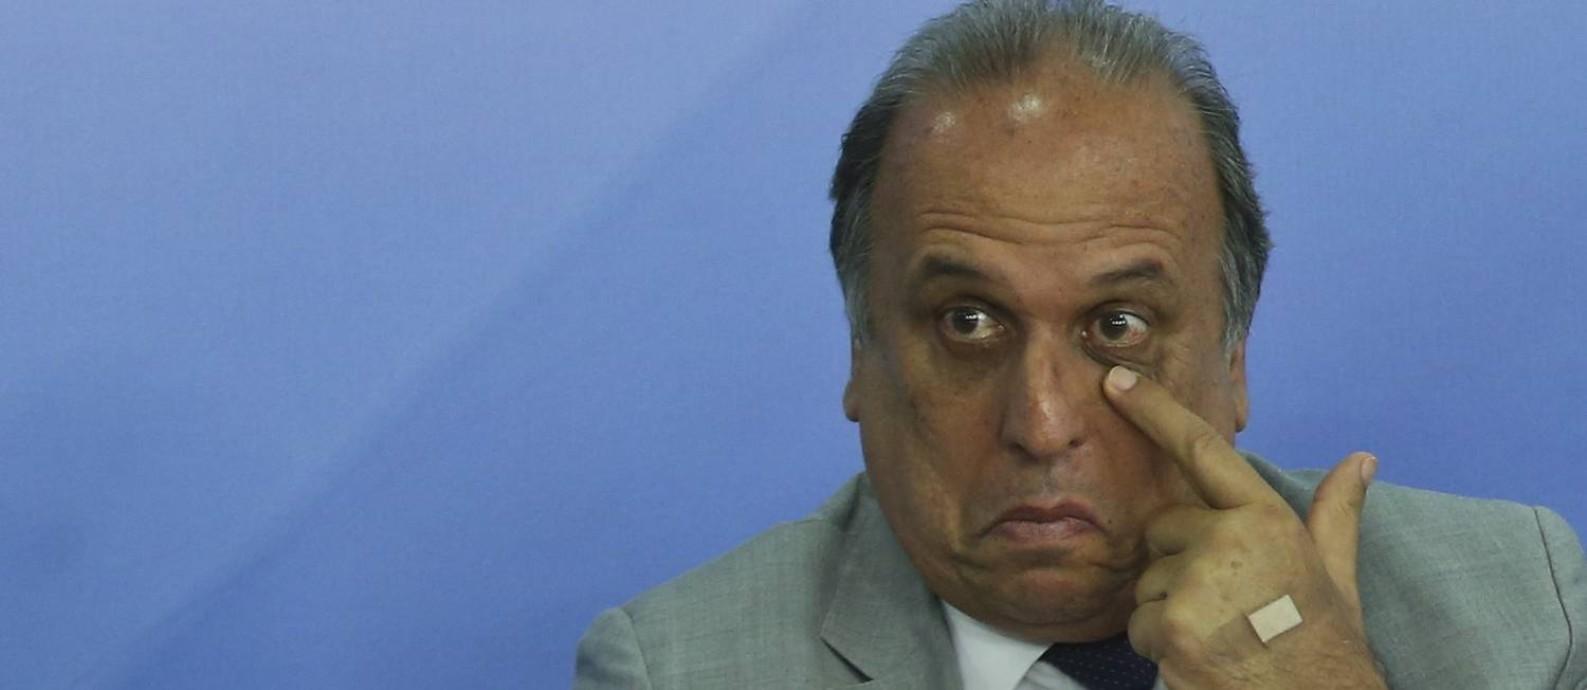 Governador Luiz Fernando Pezão esteve em Brasília para explicar o acordo federal Foto: Ailton Freitas - 26/01/2016 / Agência O Globo